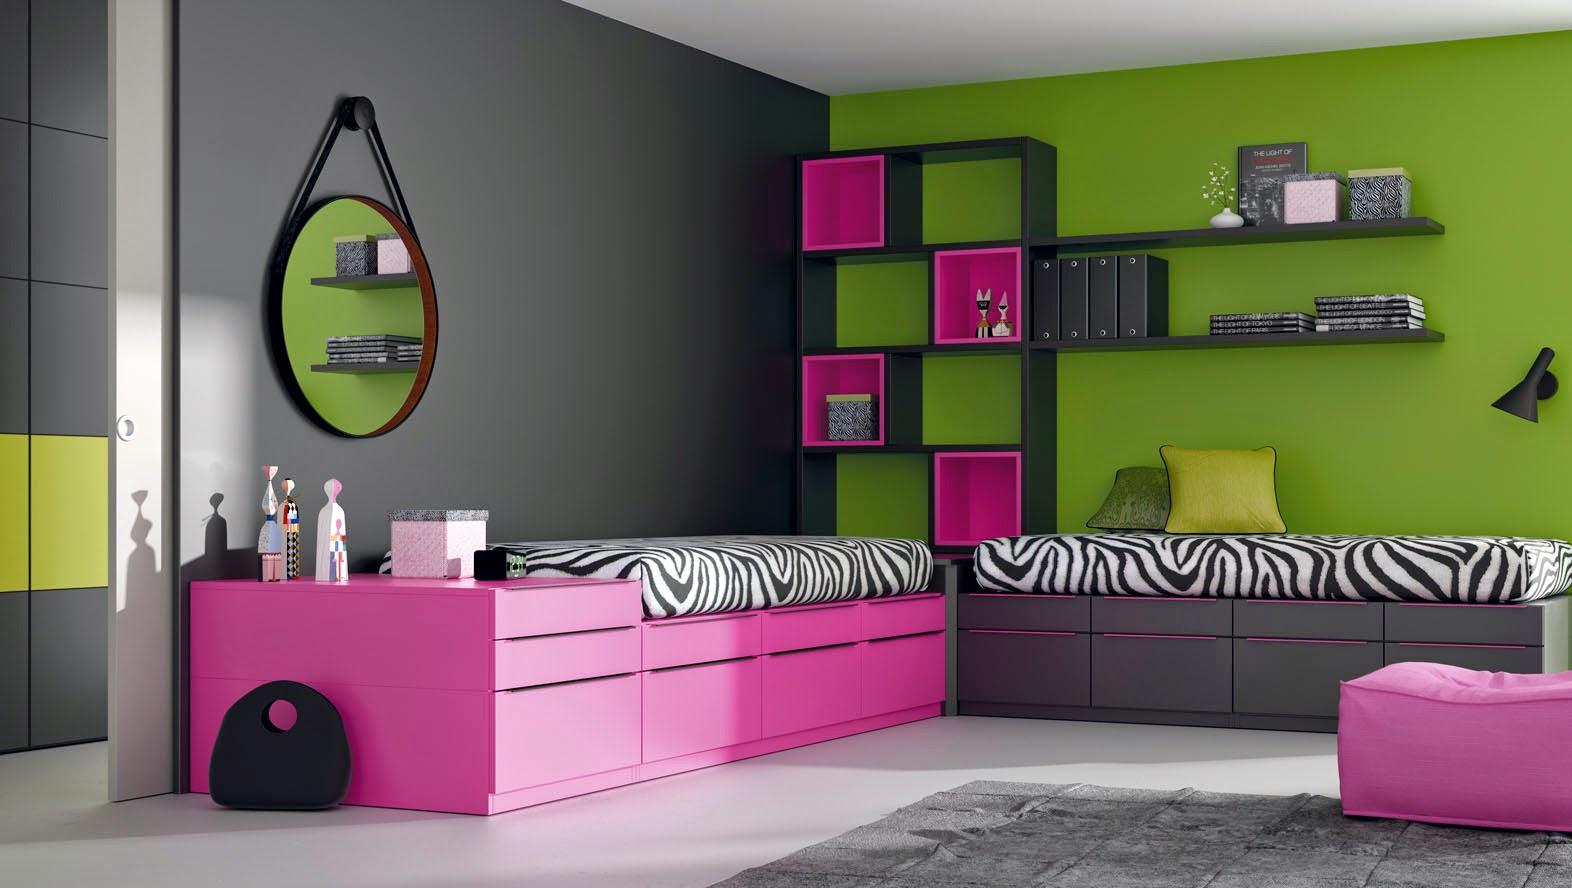 Novedades en dormitorios juveniles for Dormitorio oscuro